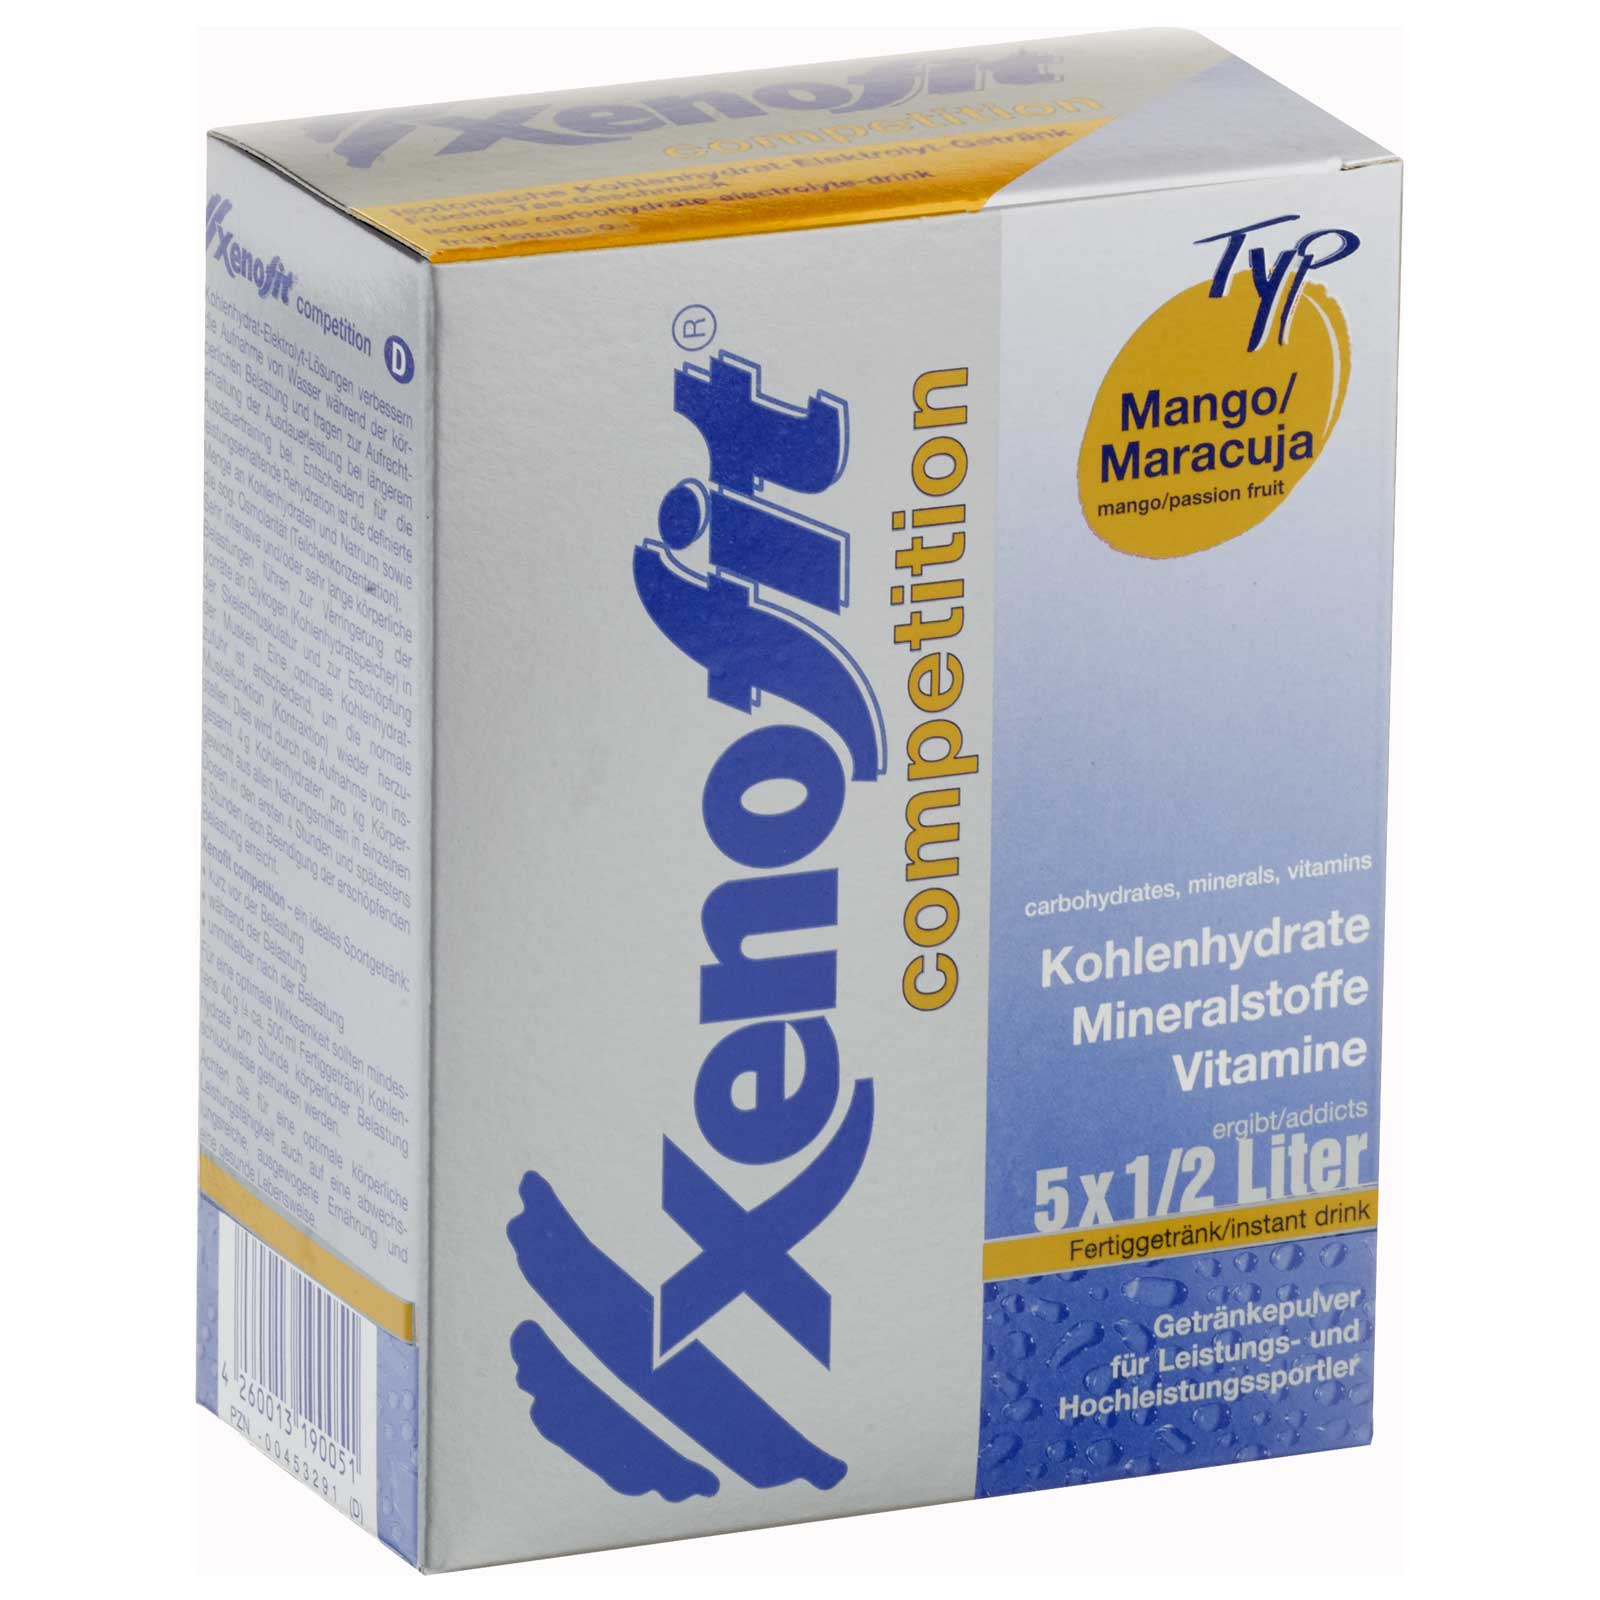 Bild von Xenofit Competition Mango/Maracuja - Isotonisches Kohlenhydrat-Getränk - Vorteilspack + Trinkflasche